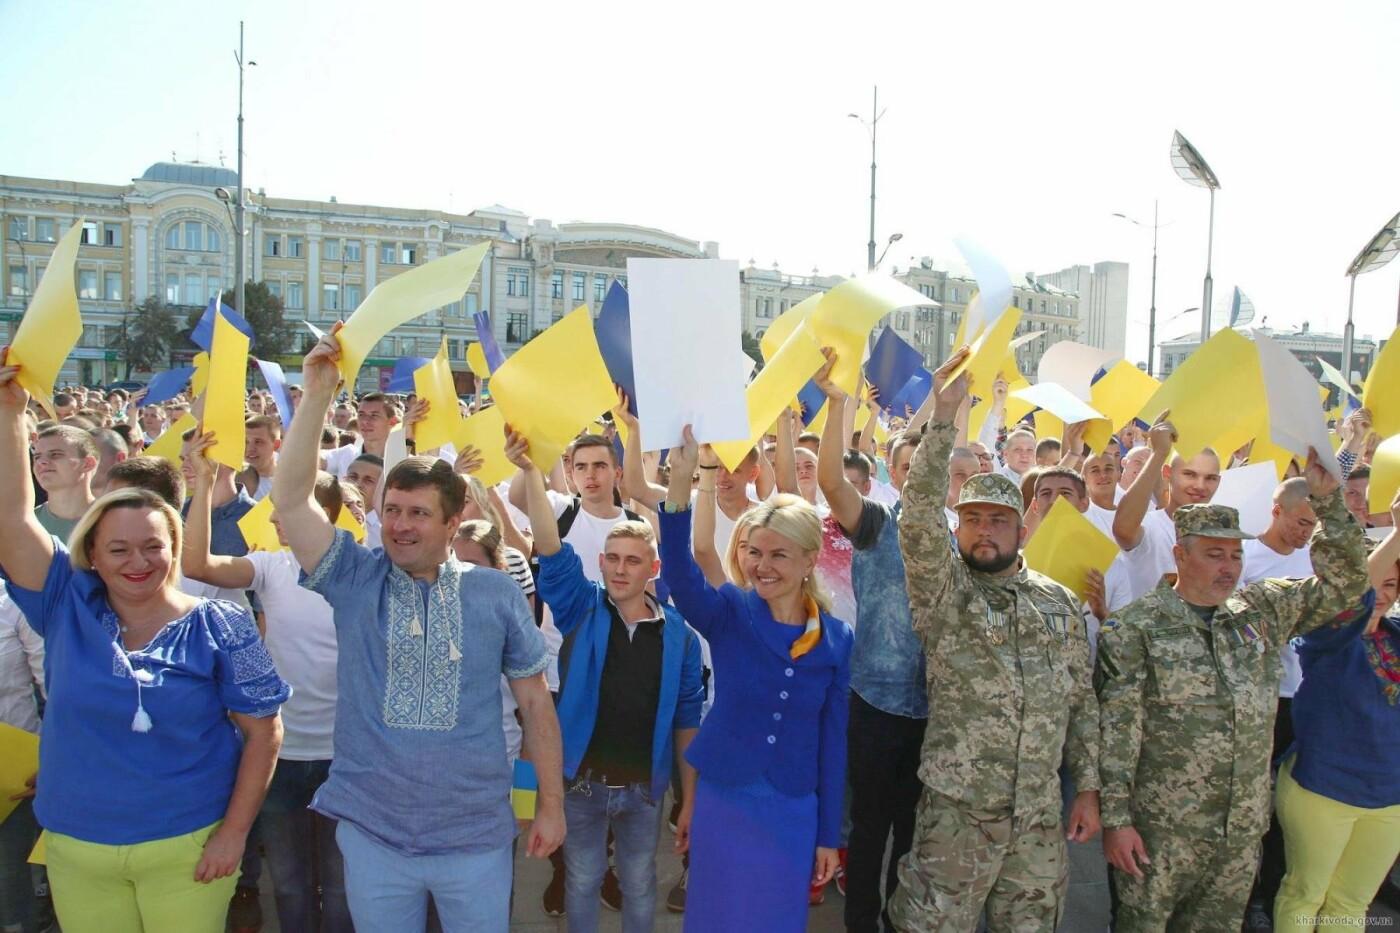 В Харькове отметили День флага масштабным флэшмобом, фото-1